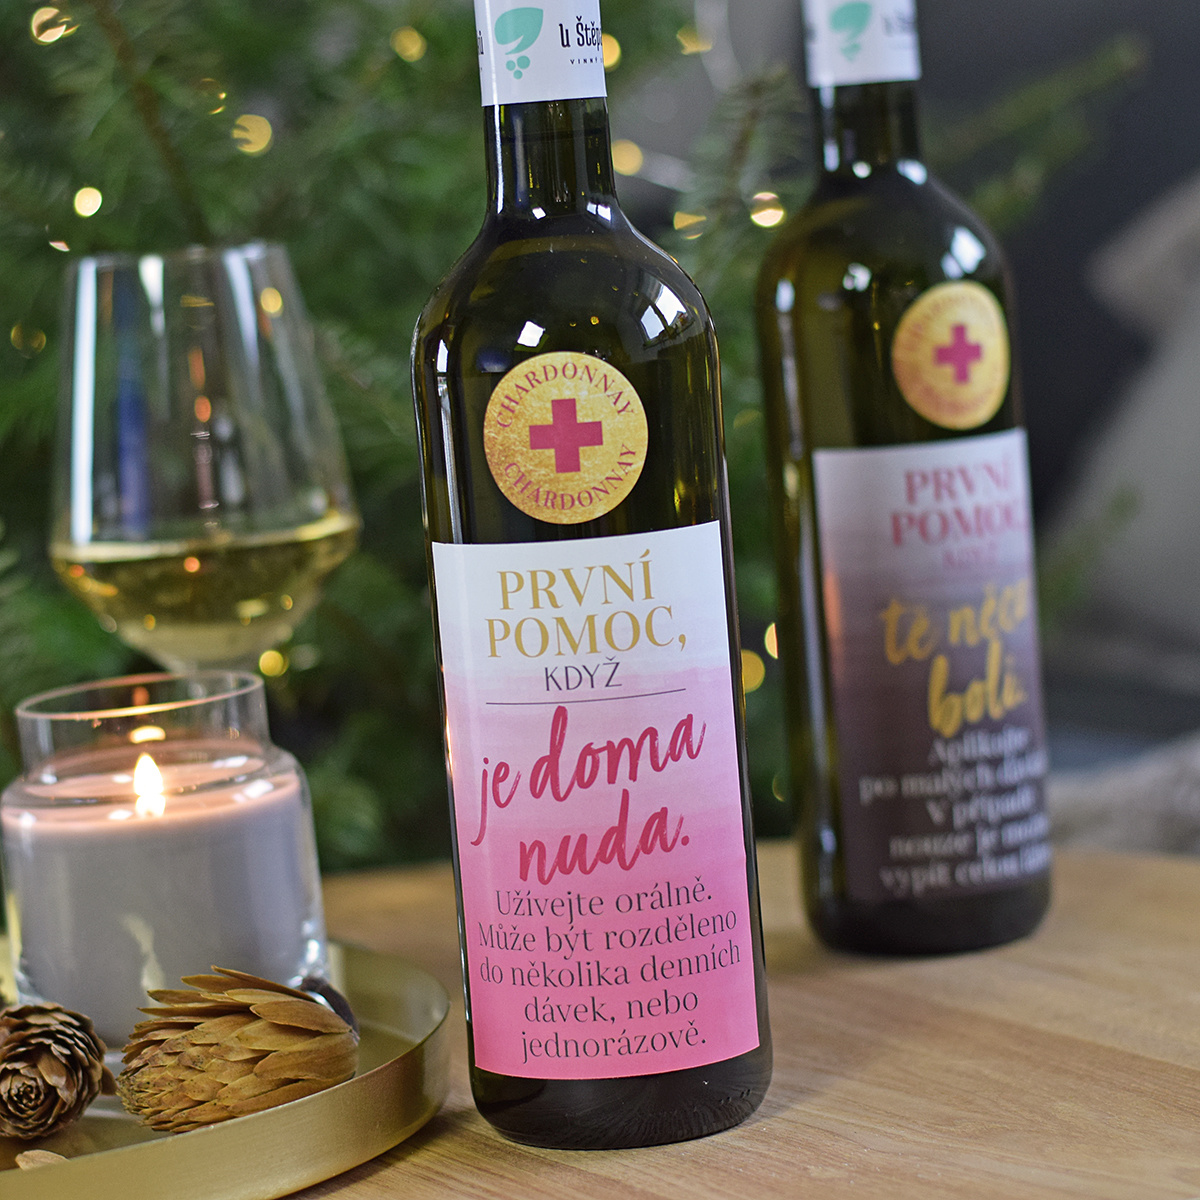 """HOUSEDECOR Láhev vína První pomoc - """"Když je doma nuda..."""""""